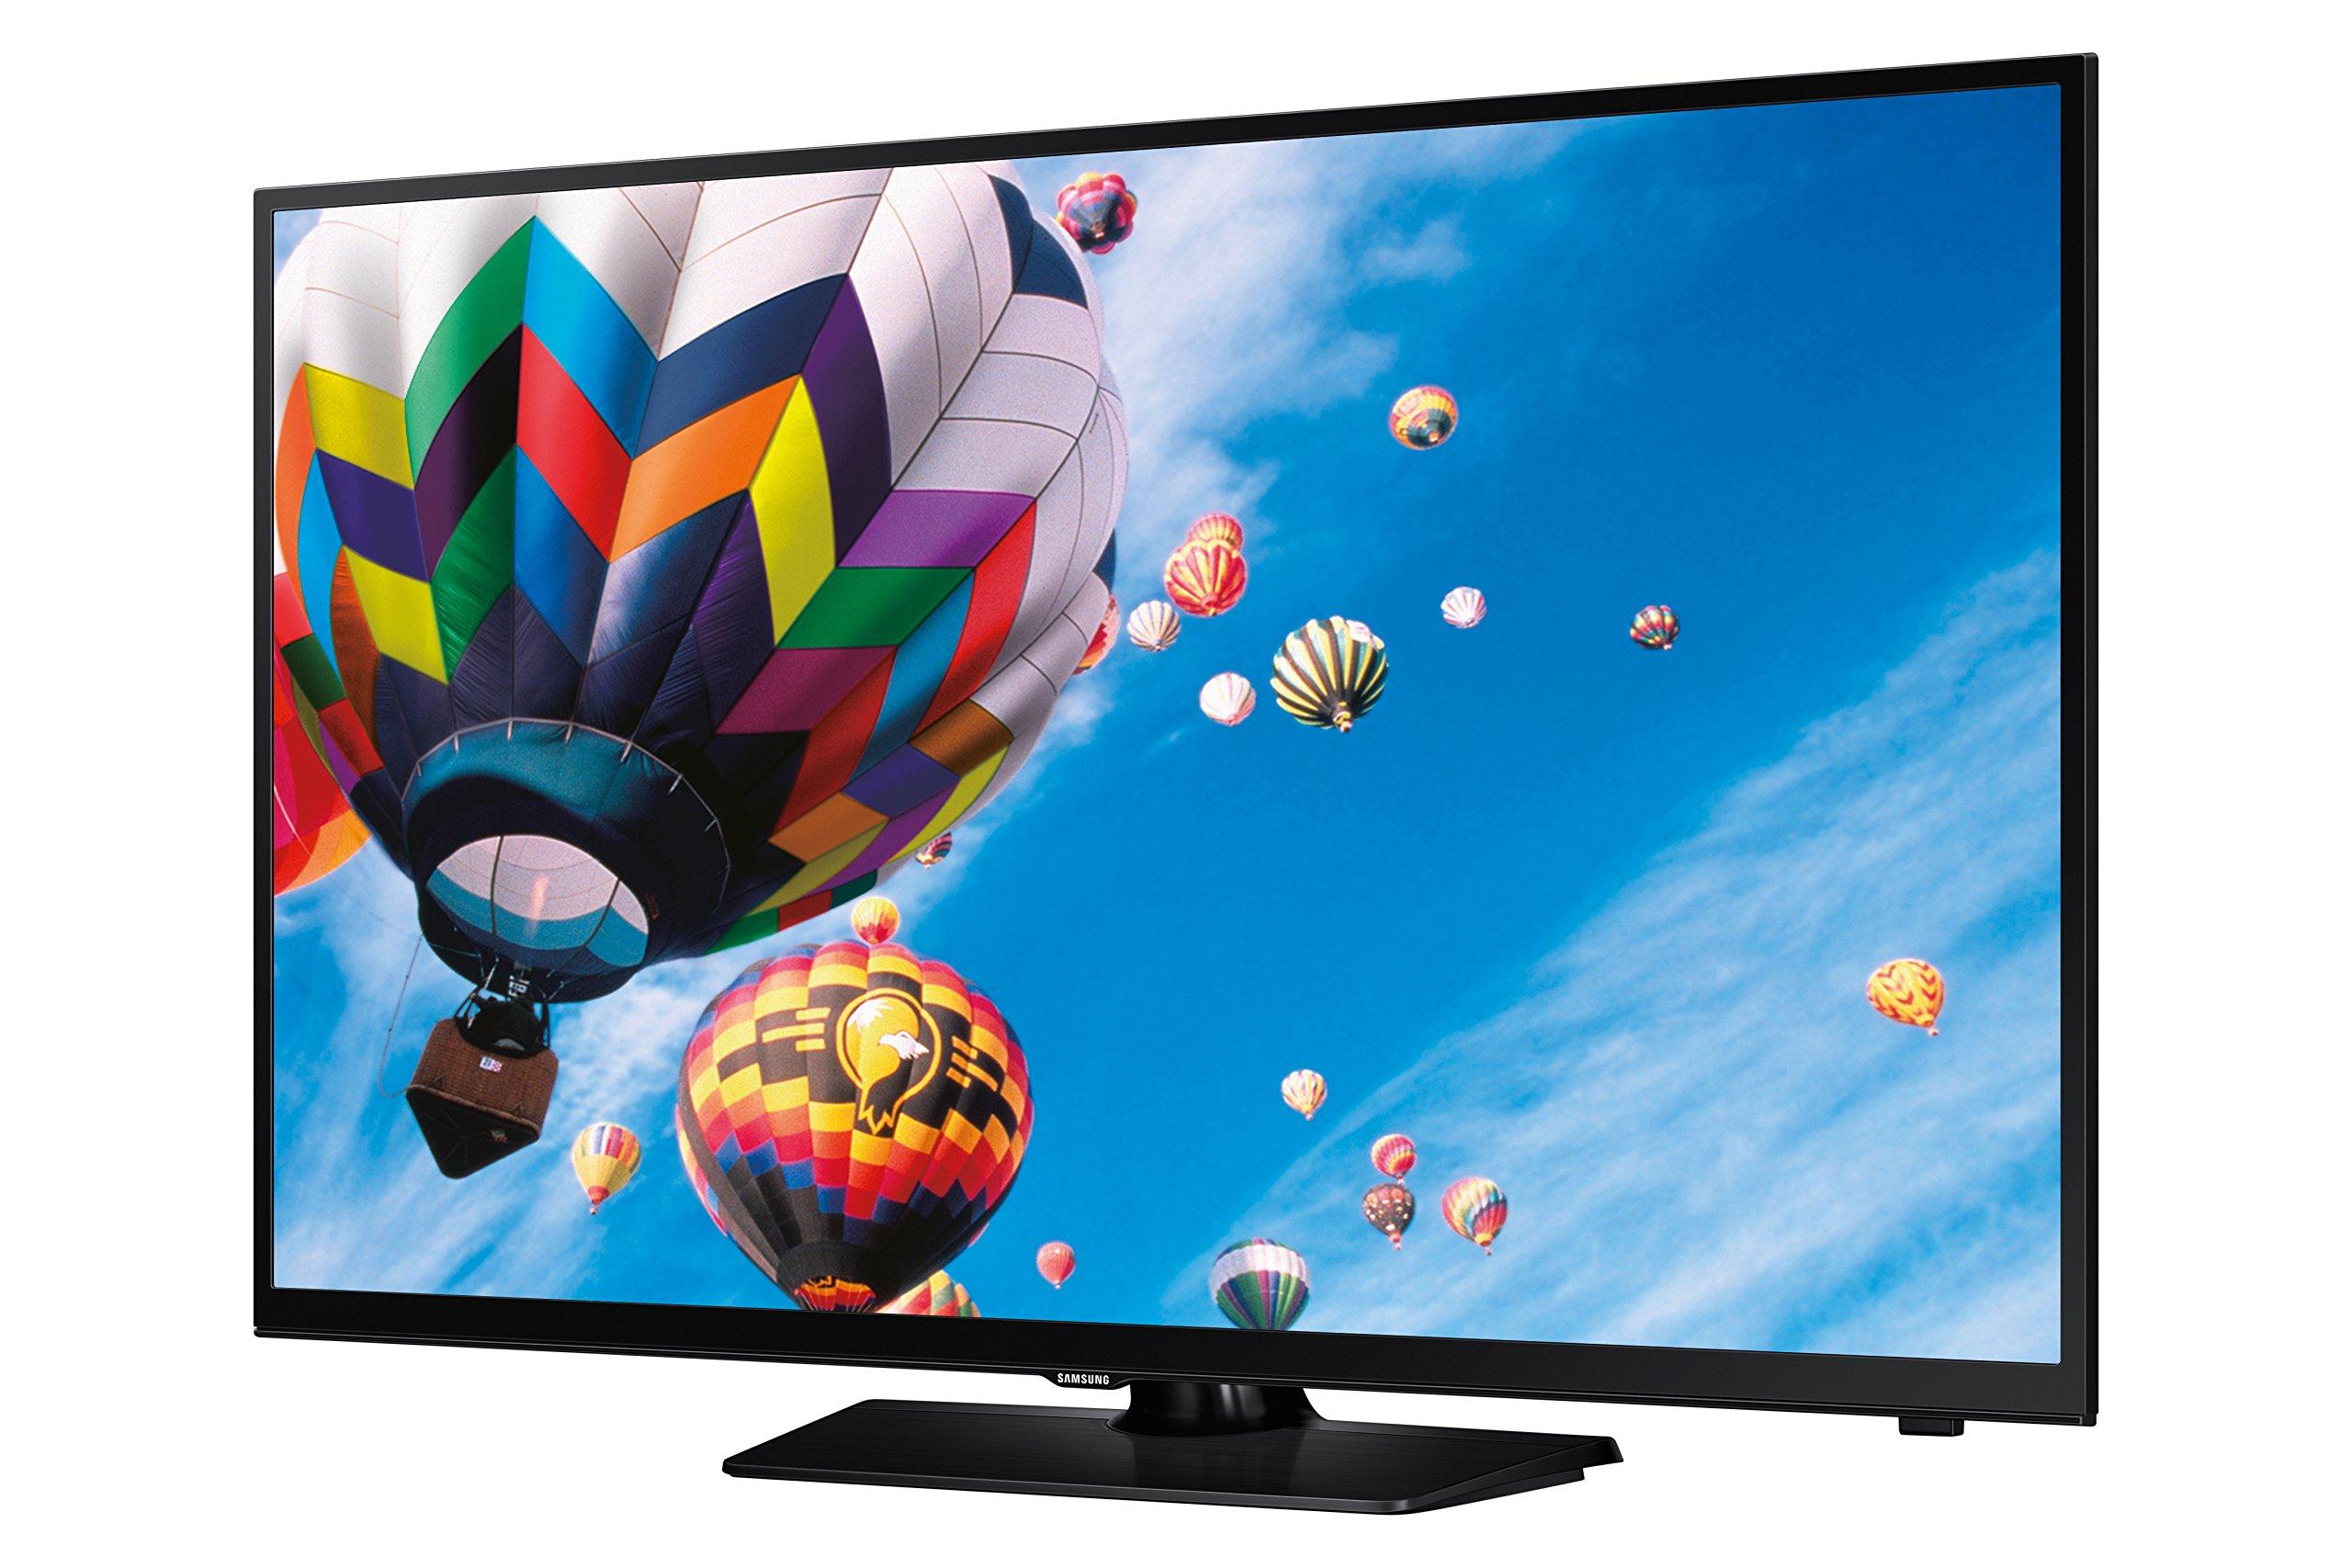 SAMSUNG UE40H4200 40-Inch Widescreen HD Ready Slim LED TV with Freeview, [Importado de UK]: Amazon.es: Electrónica